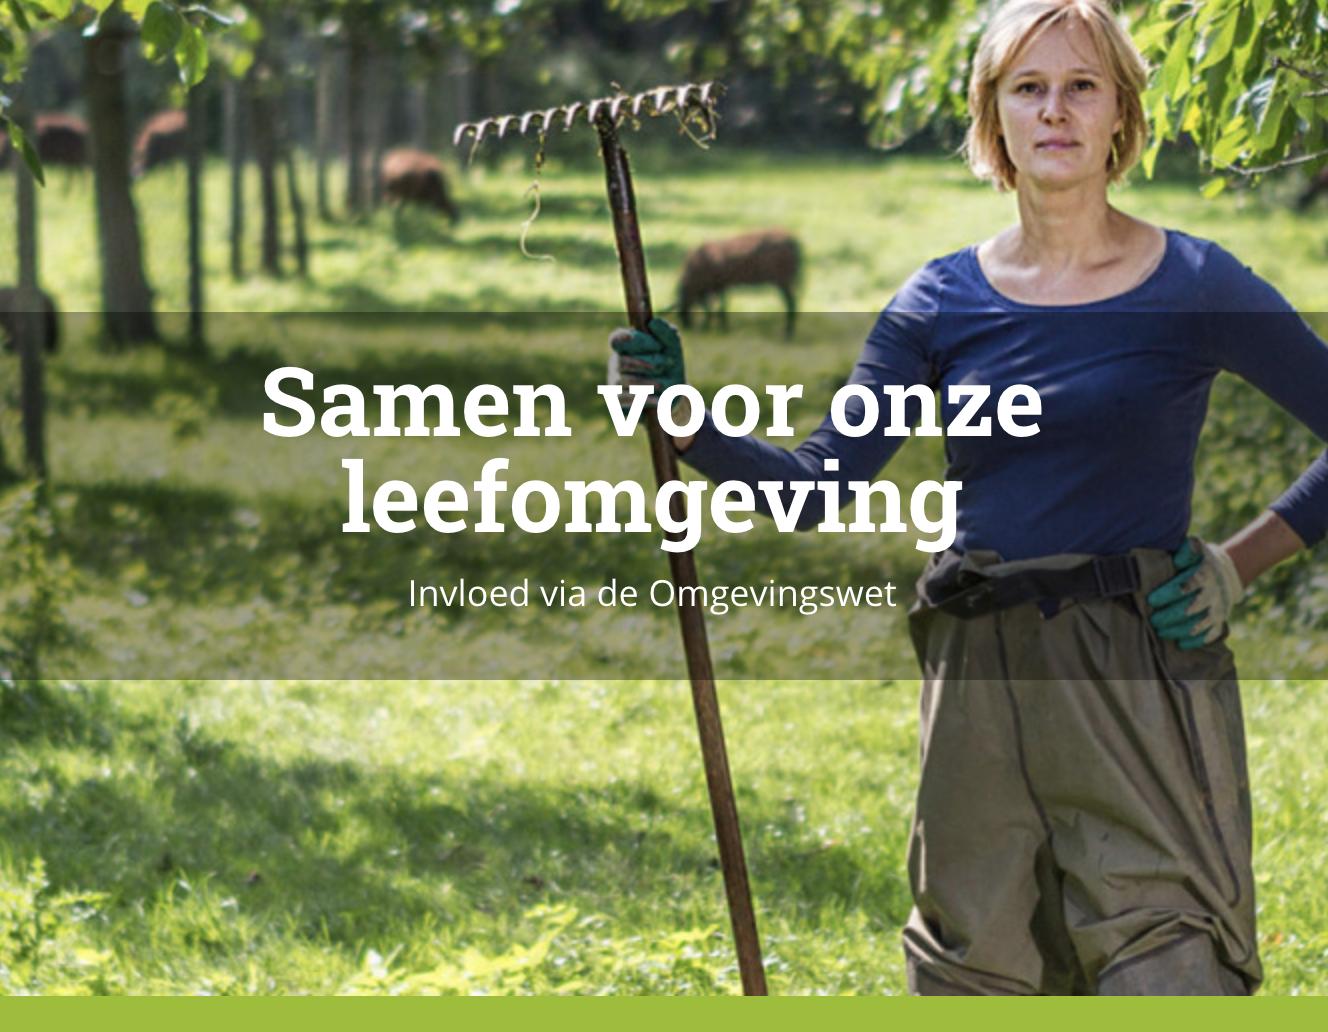 samenvooronzeleefomgeving.nl